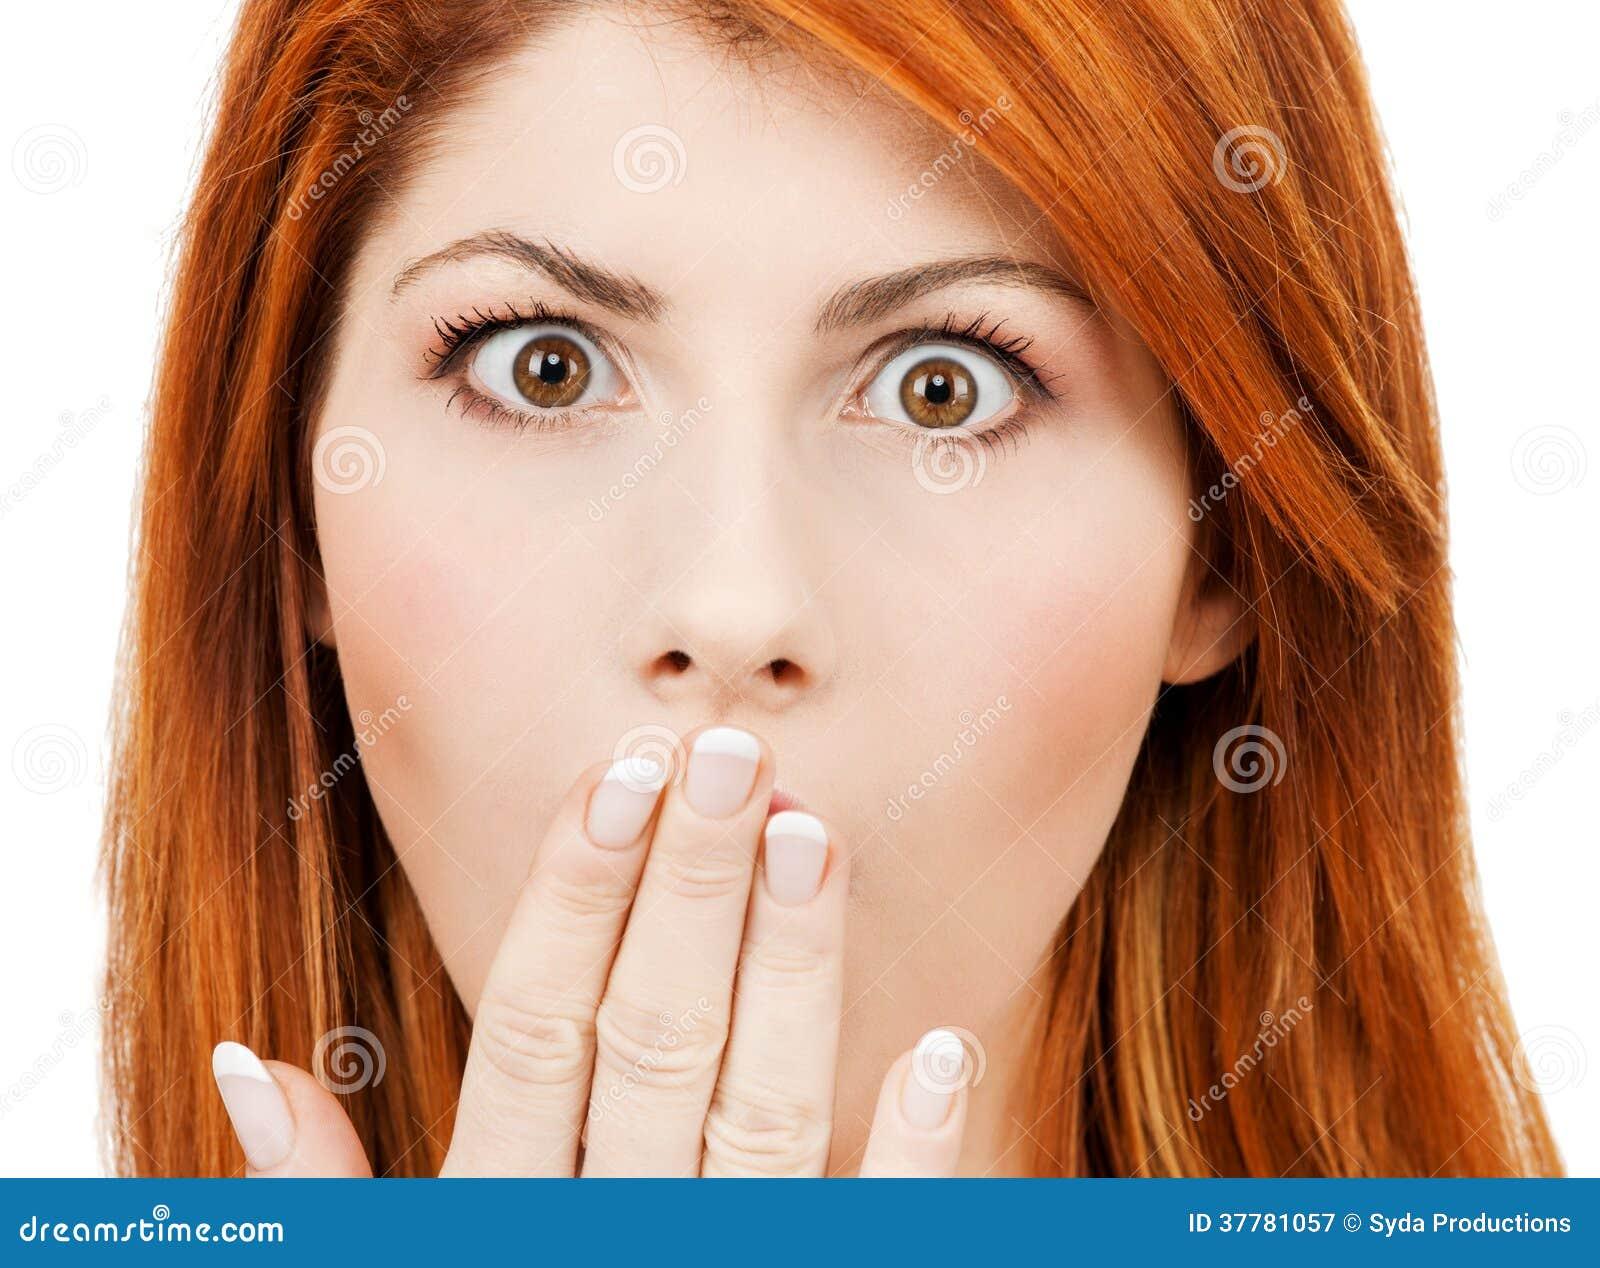 Юной девочке в рот 12 фотография